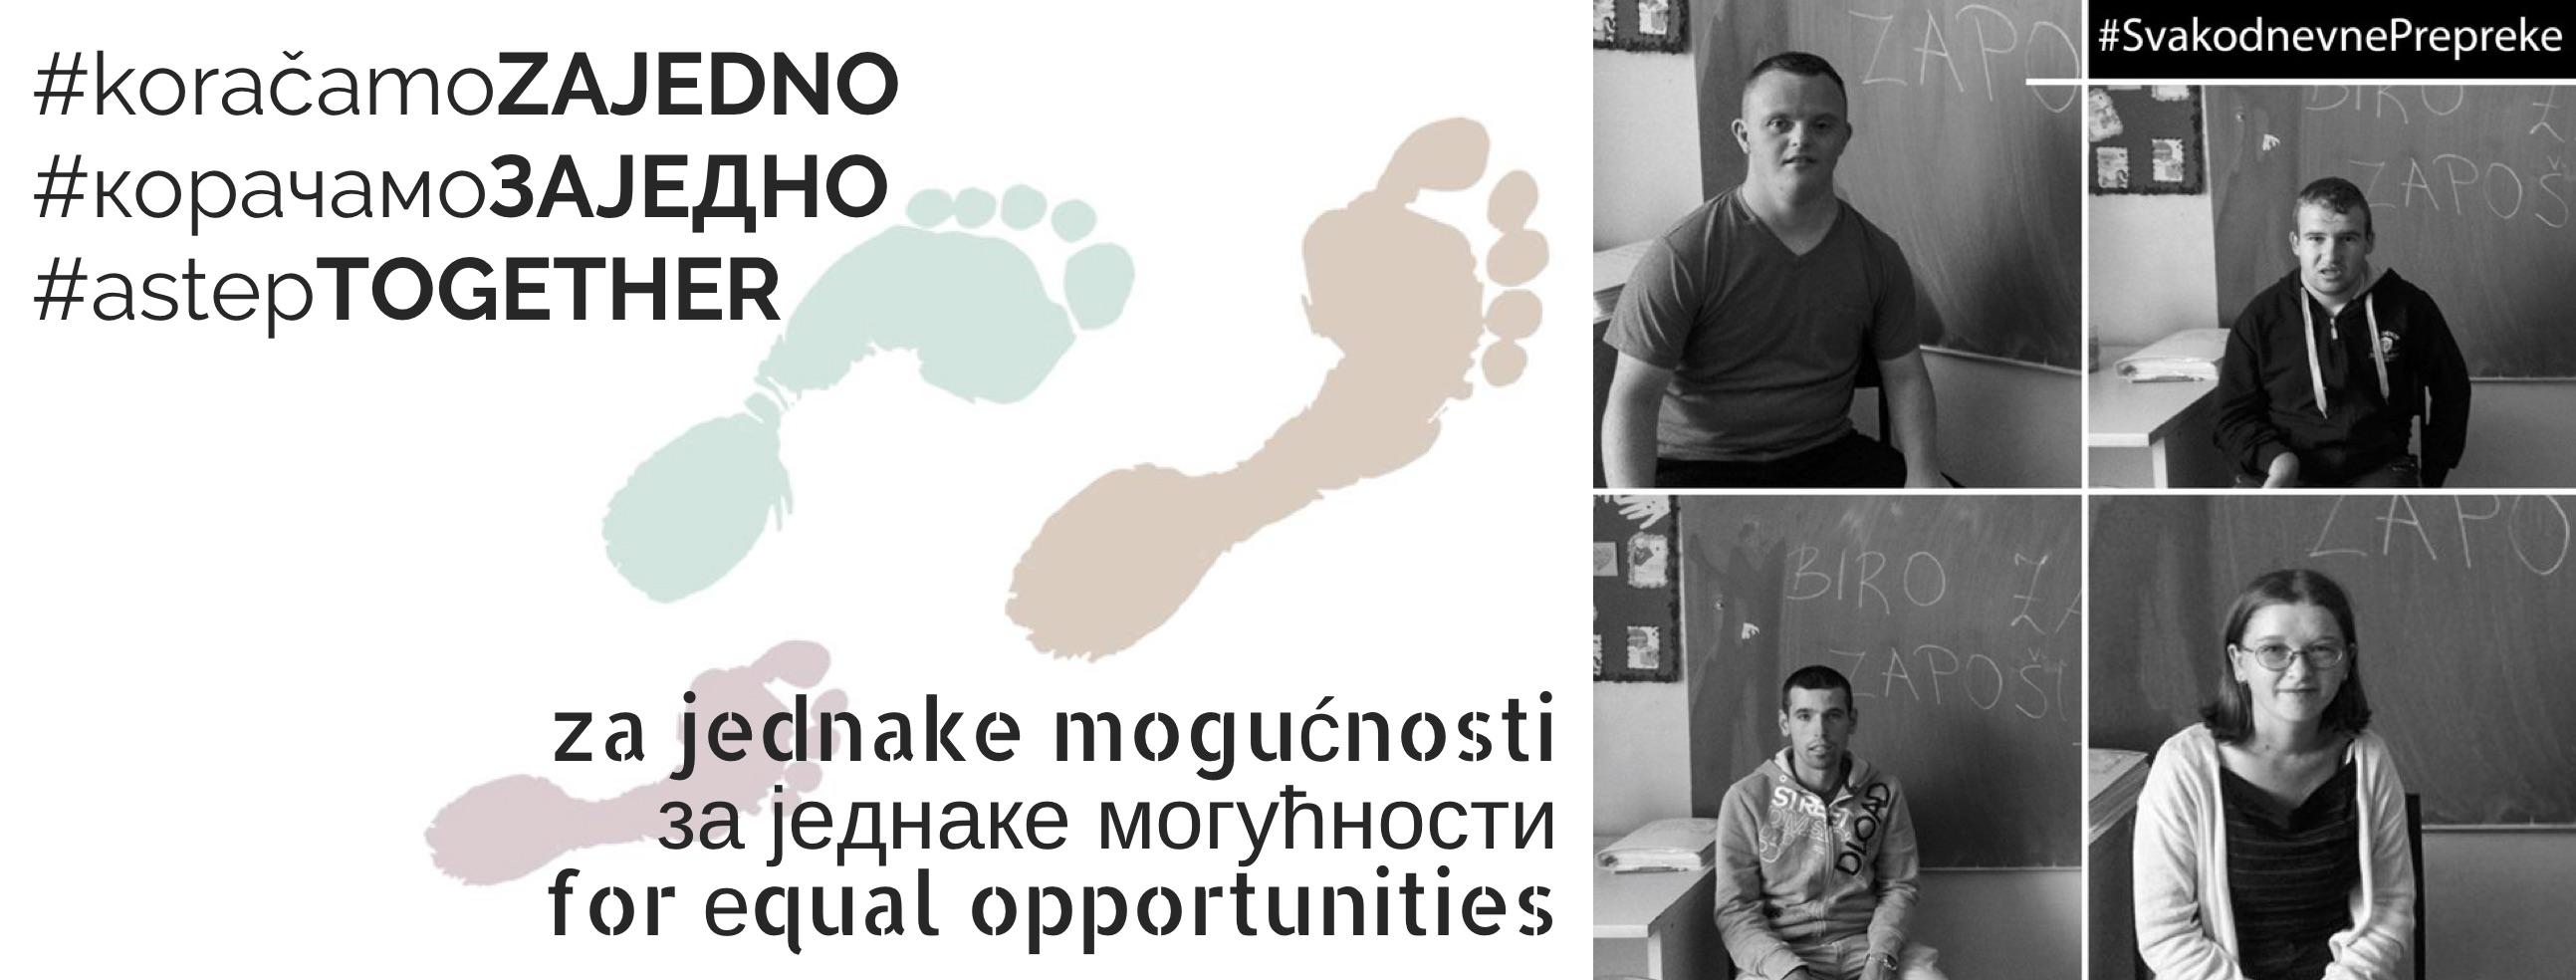 Koračamo zajedno: Pratite nas i podržite kampanju #SvakodnevnePrepreke tima iz Bugojna